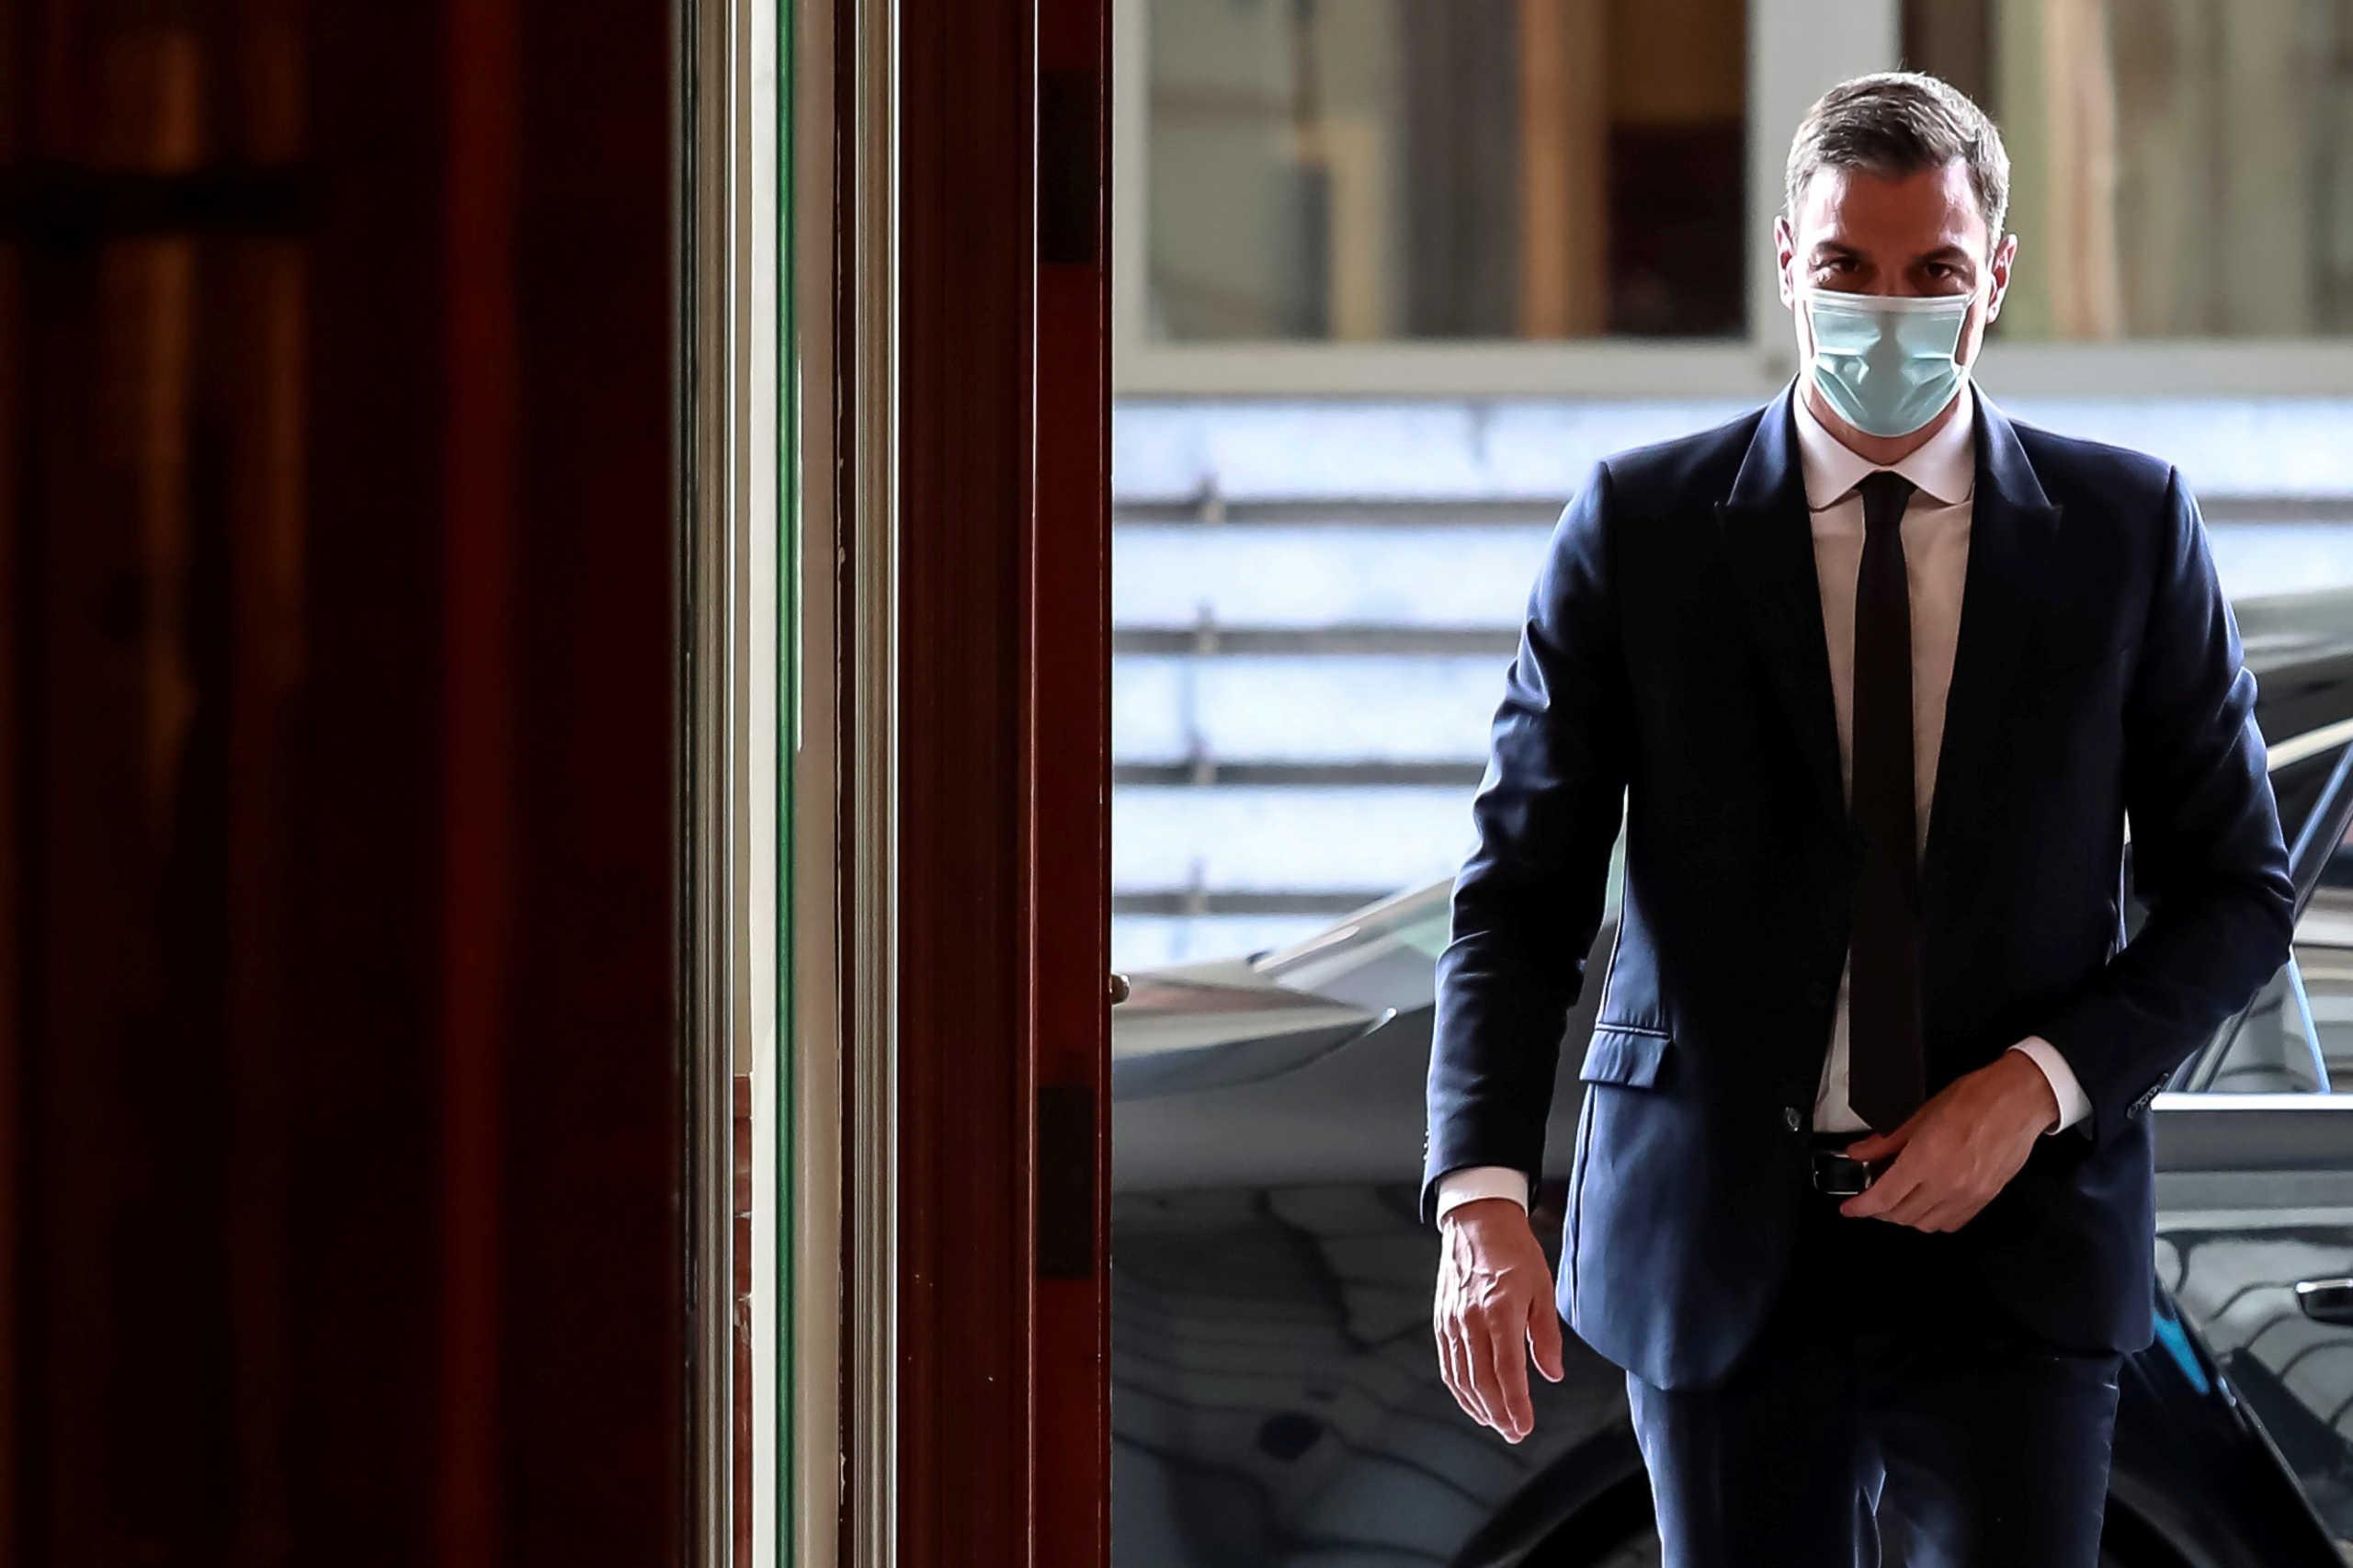 Ισπανία: Με μάσκα και αποστάσεις ο Σάντσεθ σε προεκλογική εκστρατεία